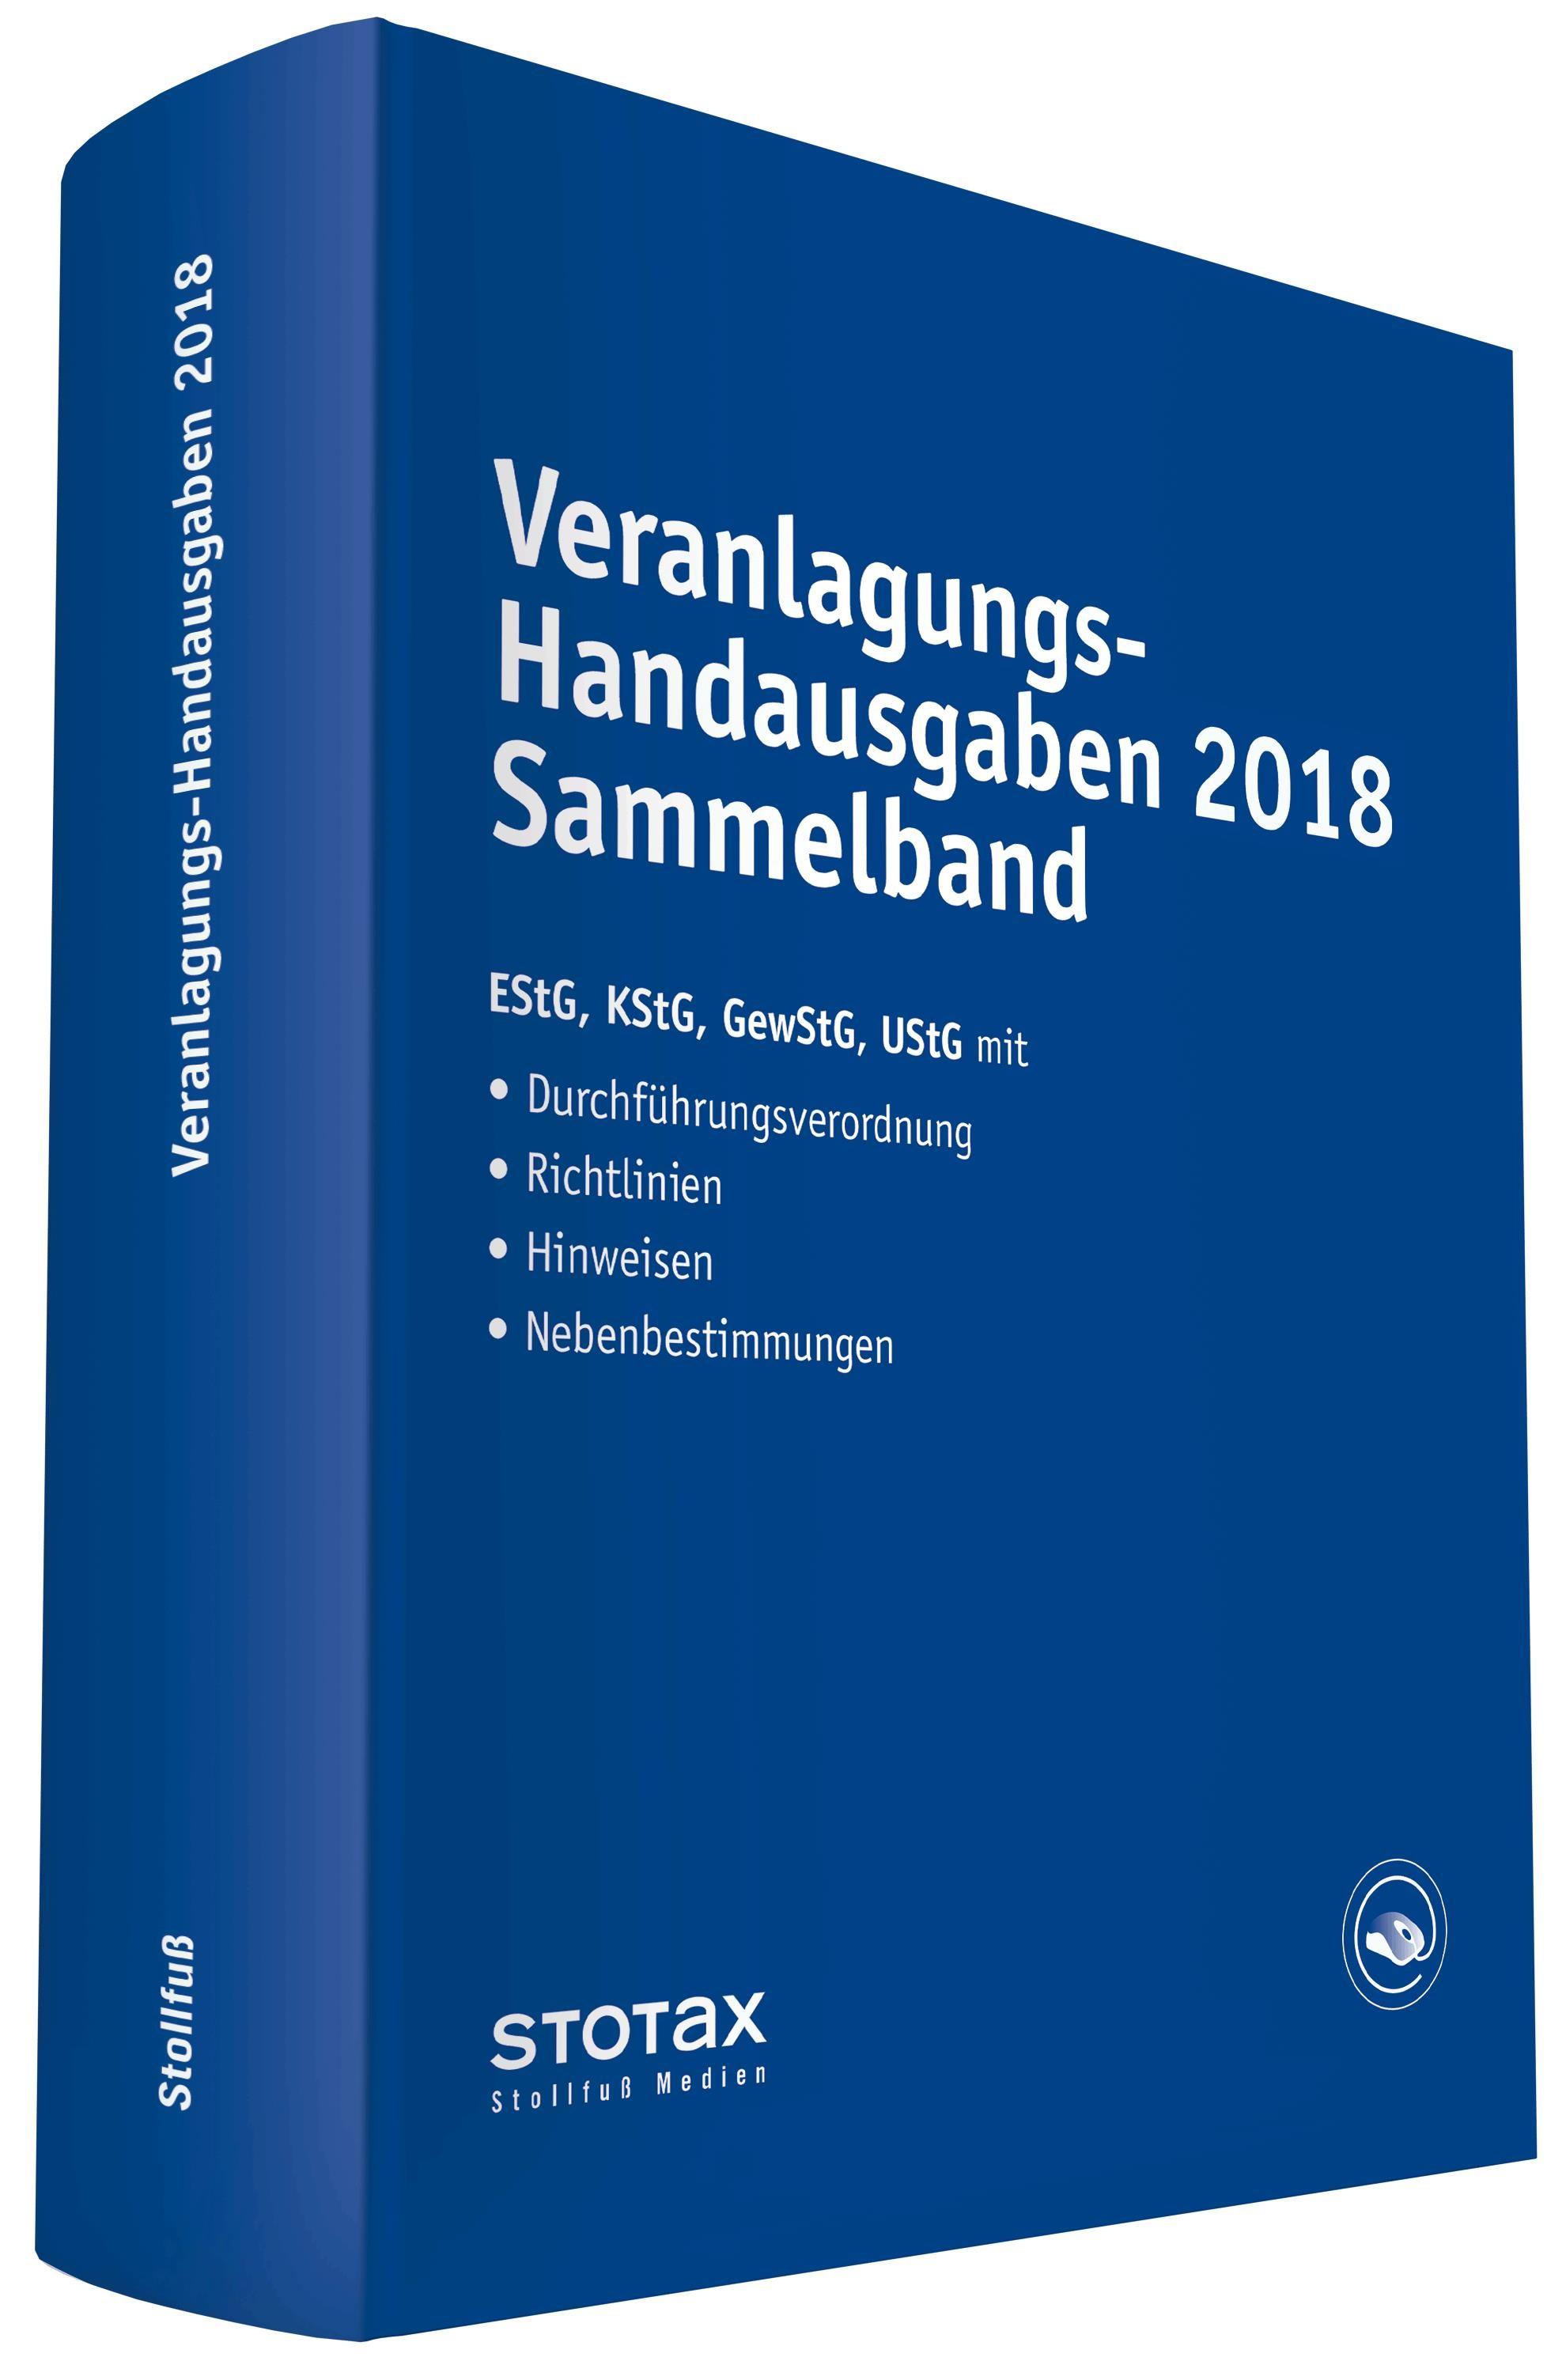 Veranlagungs-Handausgaben 2017 Sammelband | 2017, 2018 | Buch (Cover)